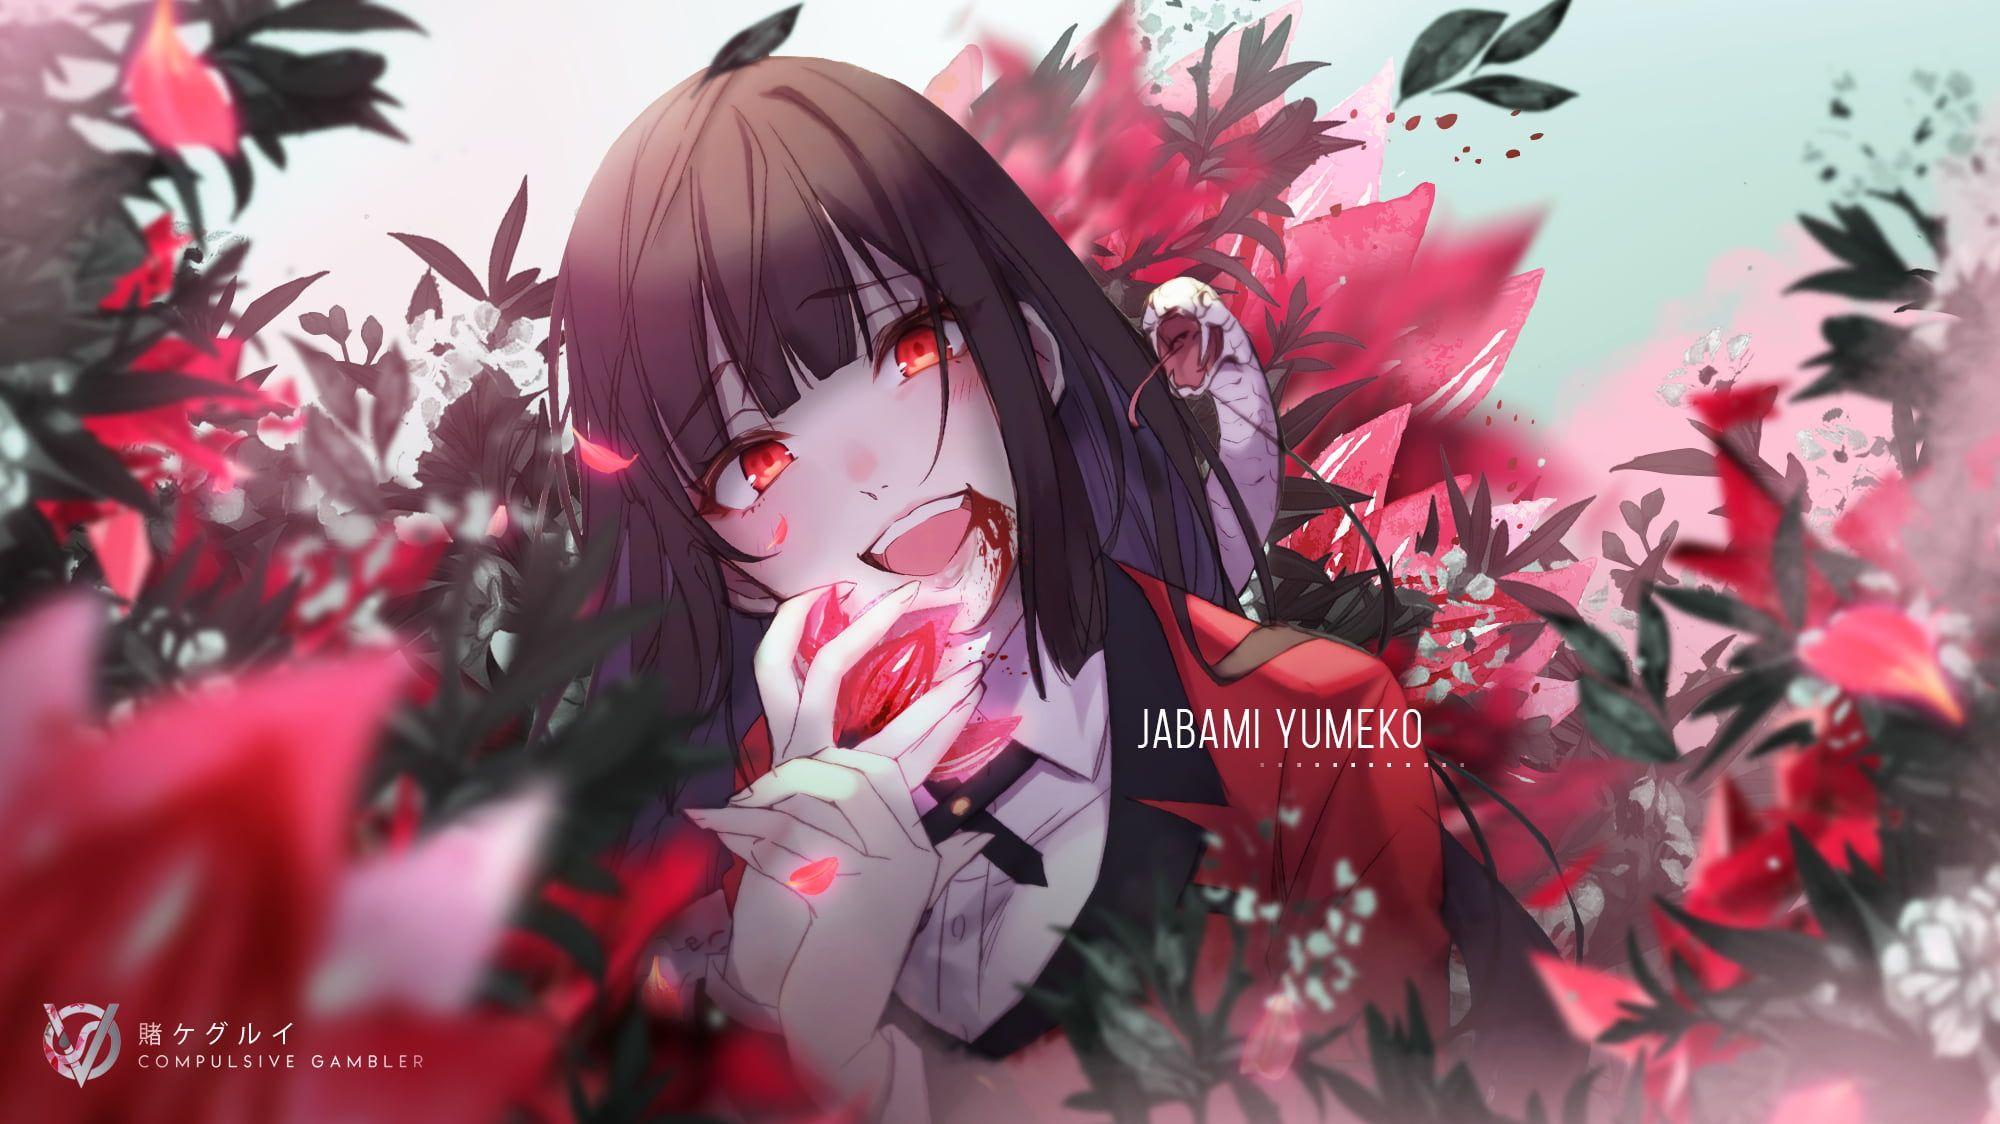 HD wallpaper: Anime, Kakegurui, Yumeko Jabami